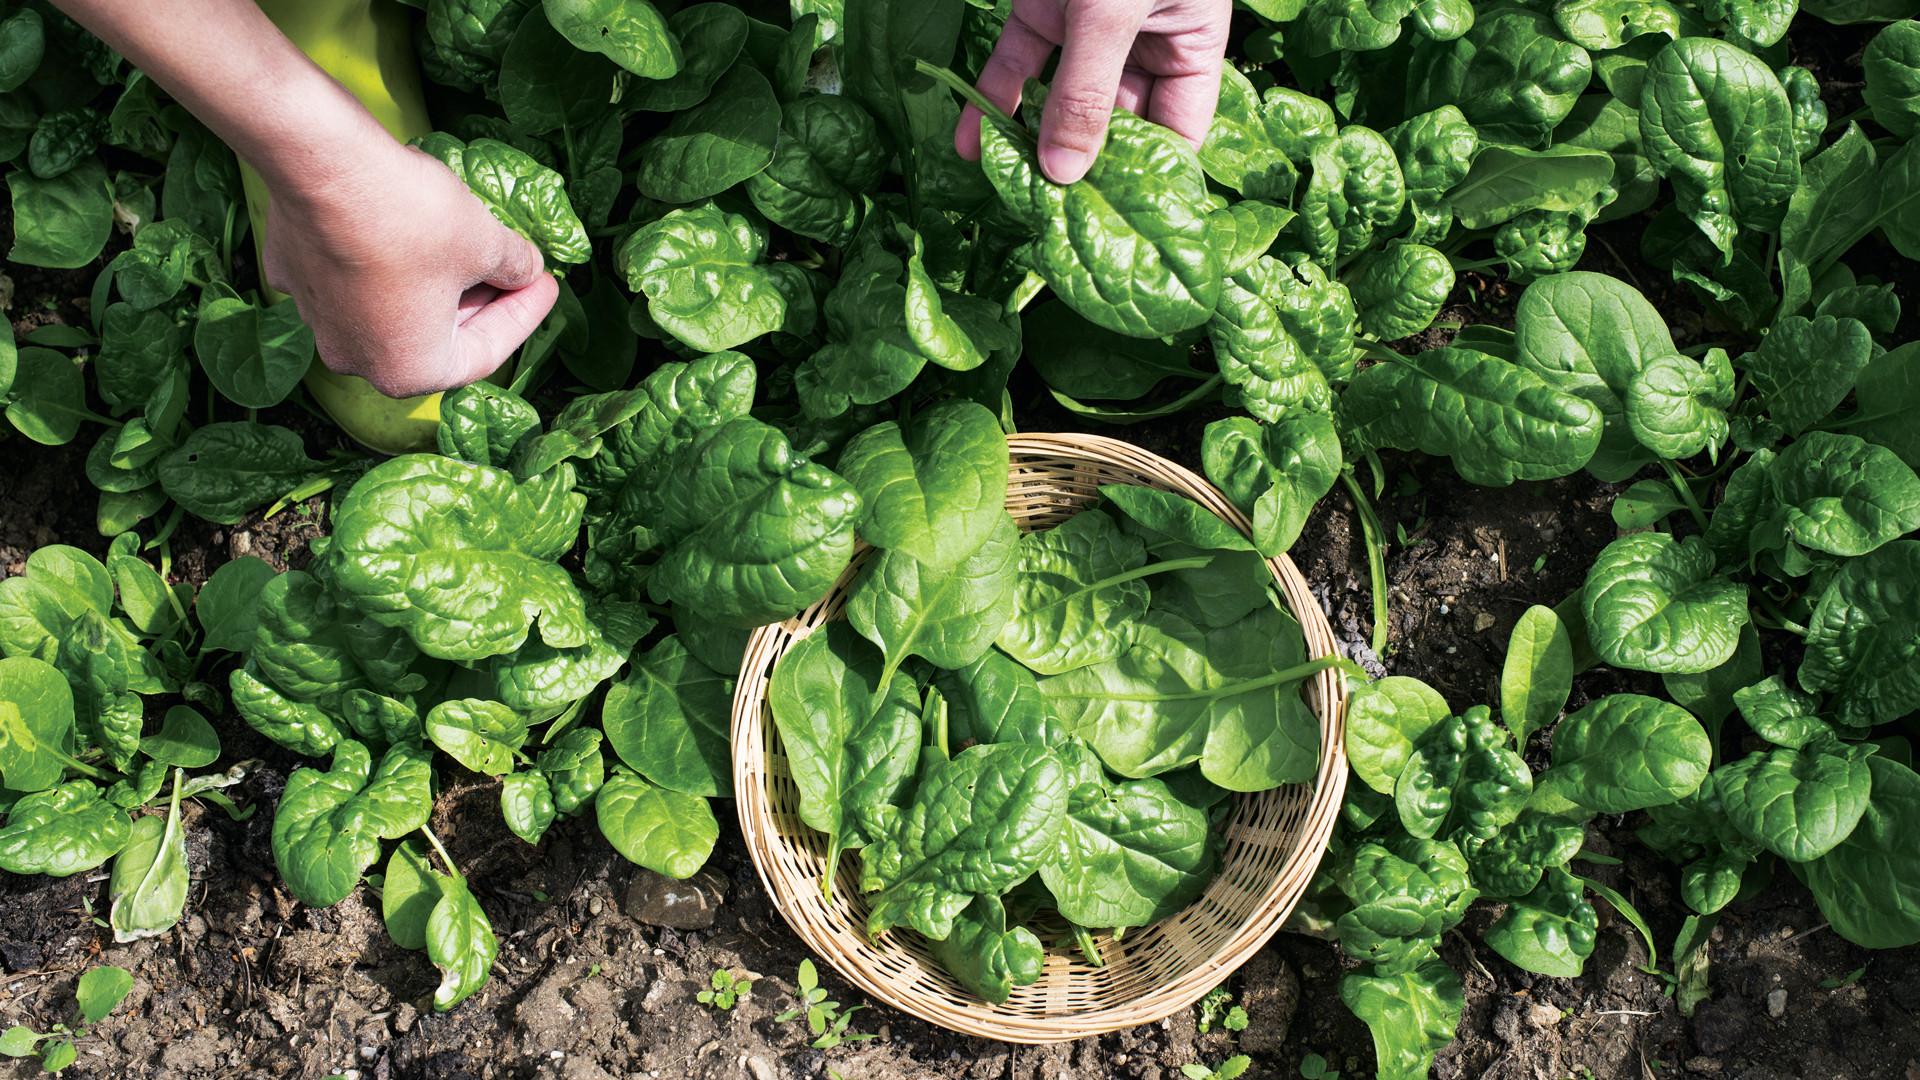 Growing salad greens in your indoor garden